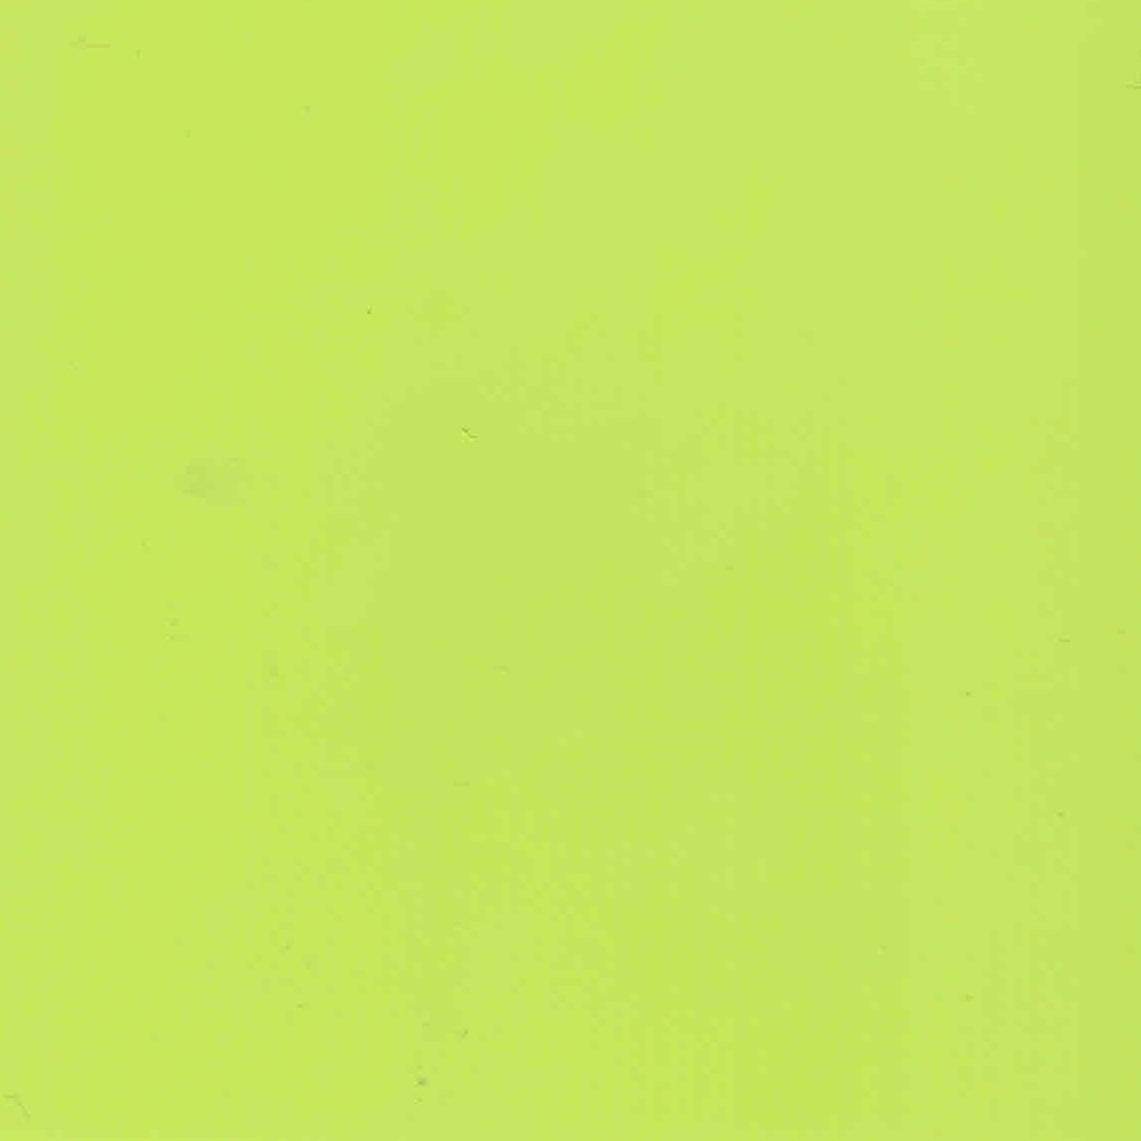 Глянцевые натяжные потолки  Германия салатовые L 624